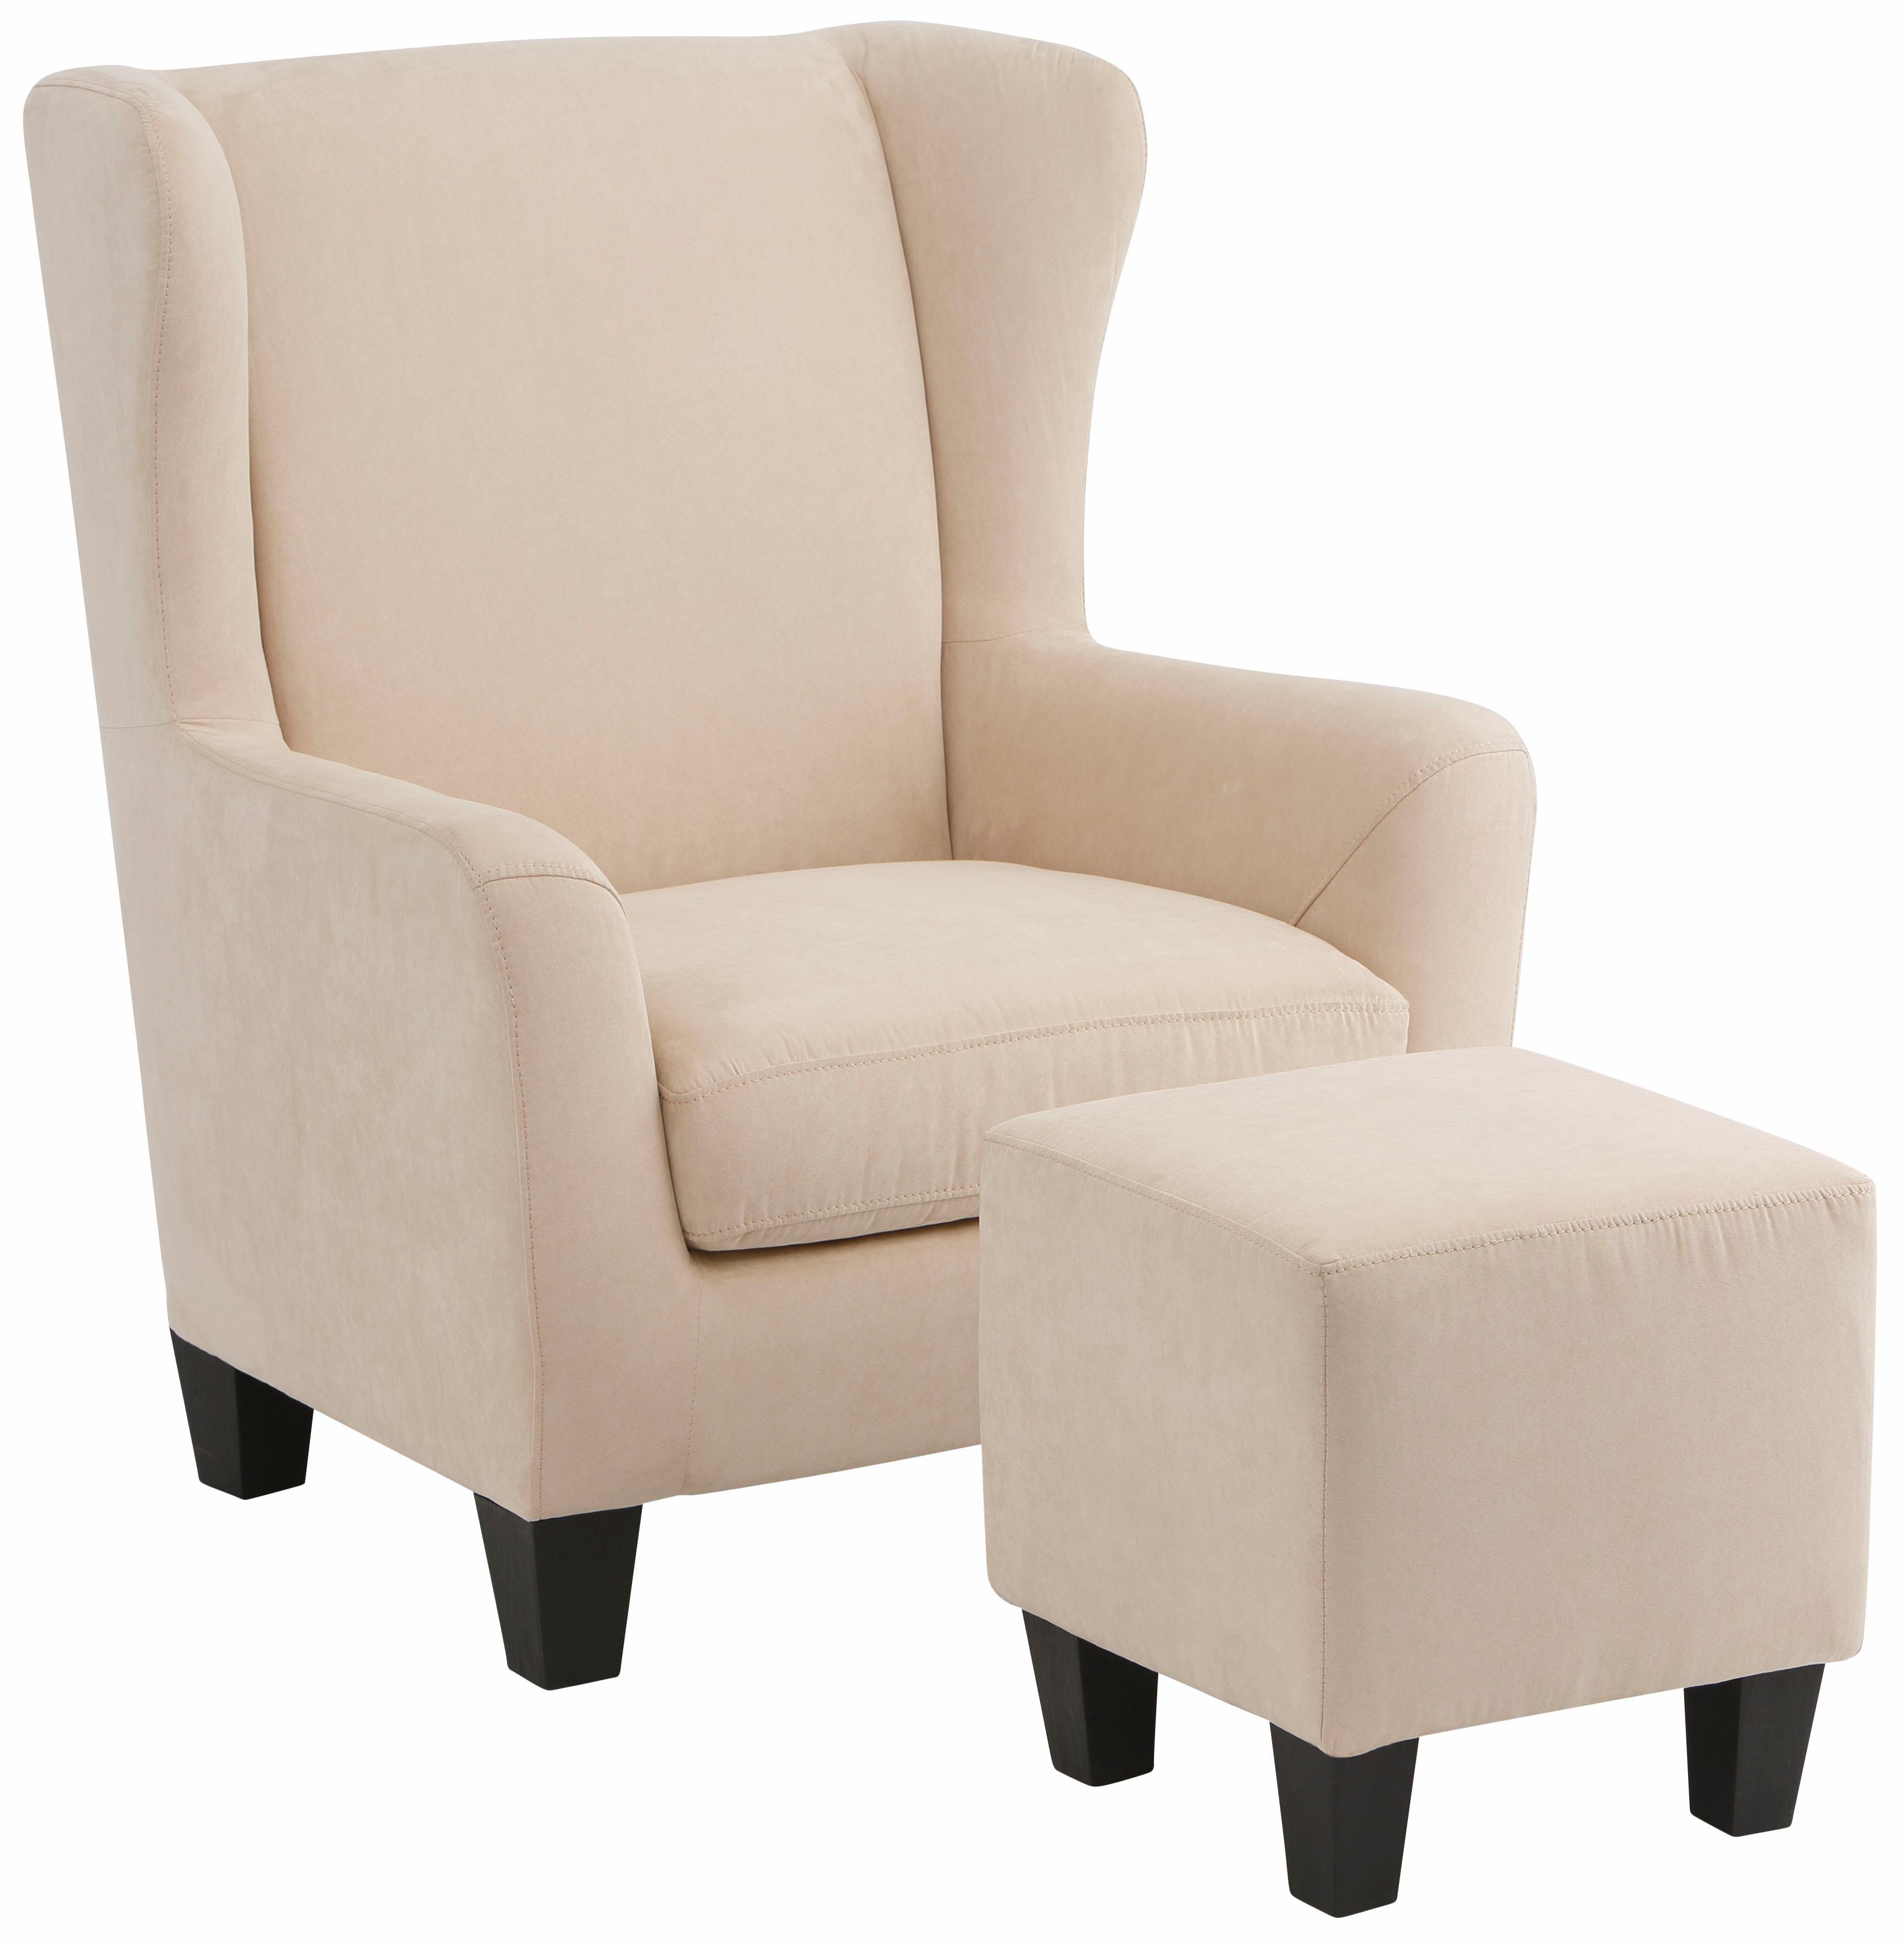 Home affaire Sessel Chilly (Set 2-tlg bestehend aus Sessel und Hocker)